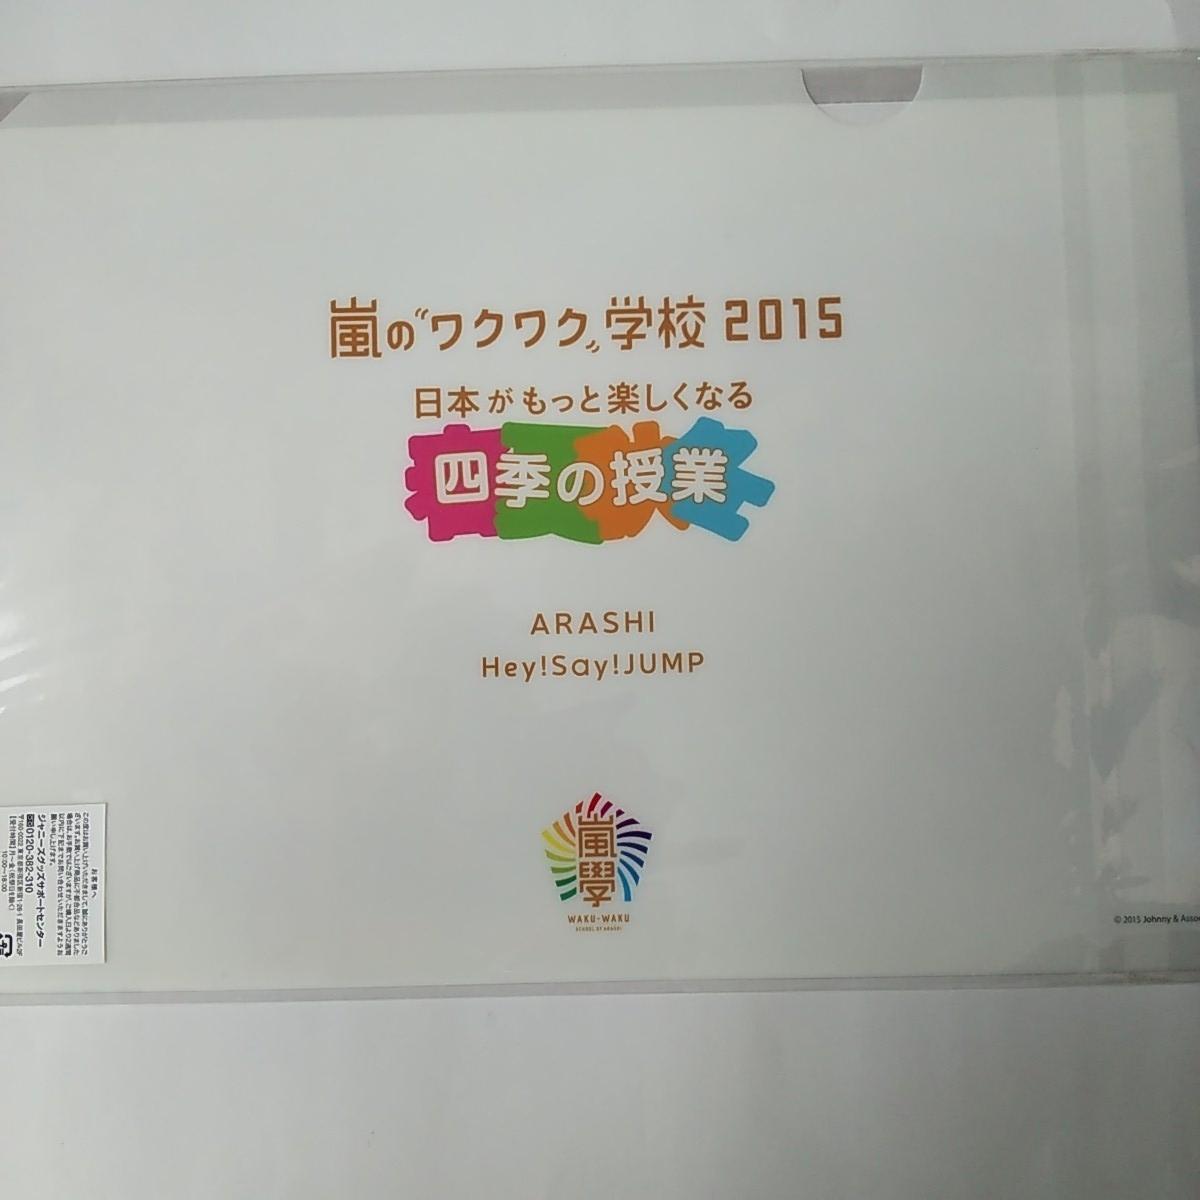 嵐のワクワク学校2013~2015 A4判レポート用紙下敷付き+クリアファイル2枚セット